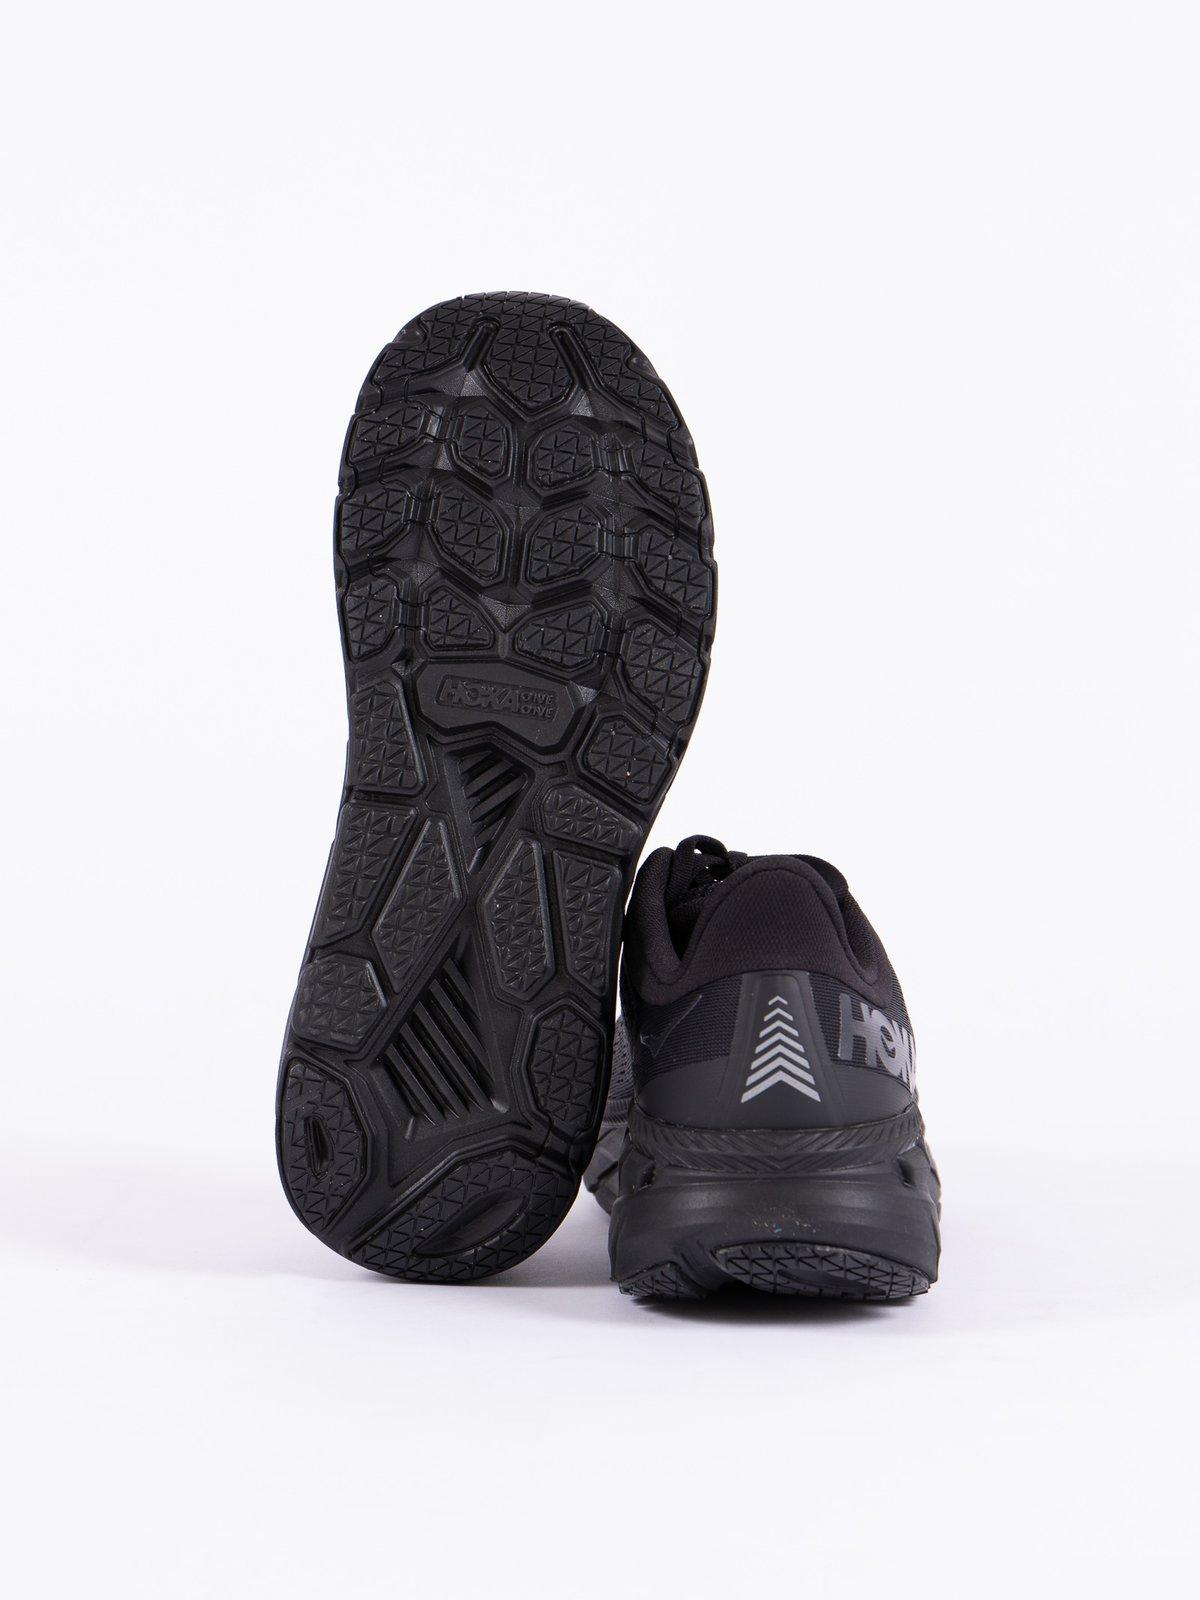 Black/Black Clifton 7 - Image 5